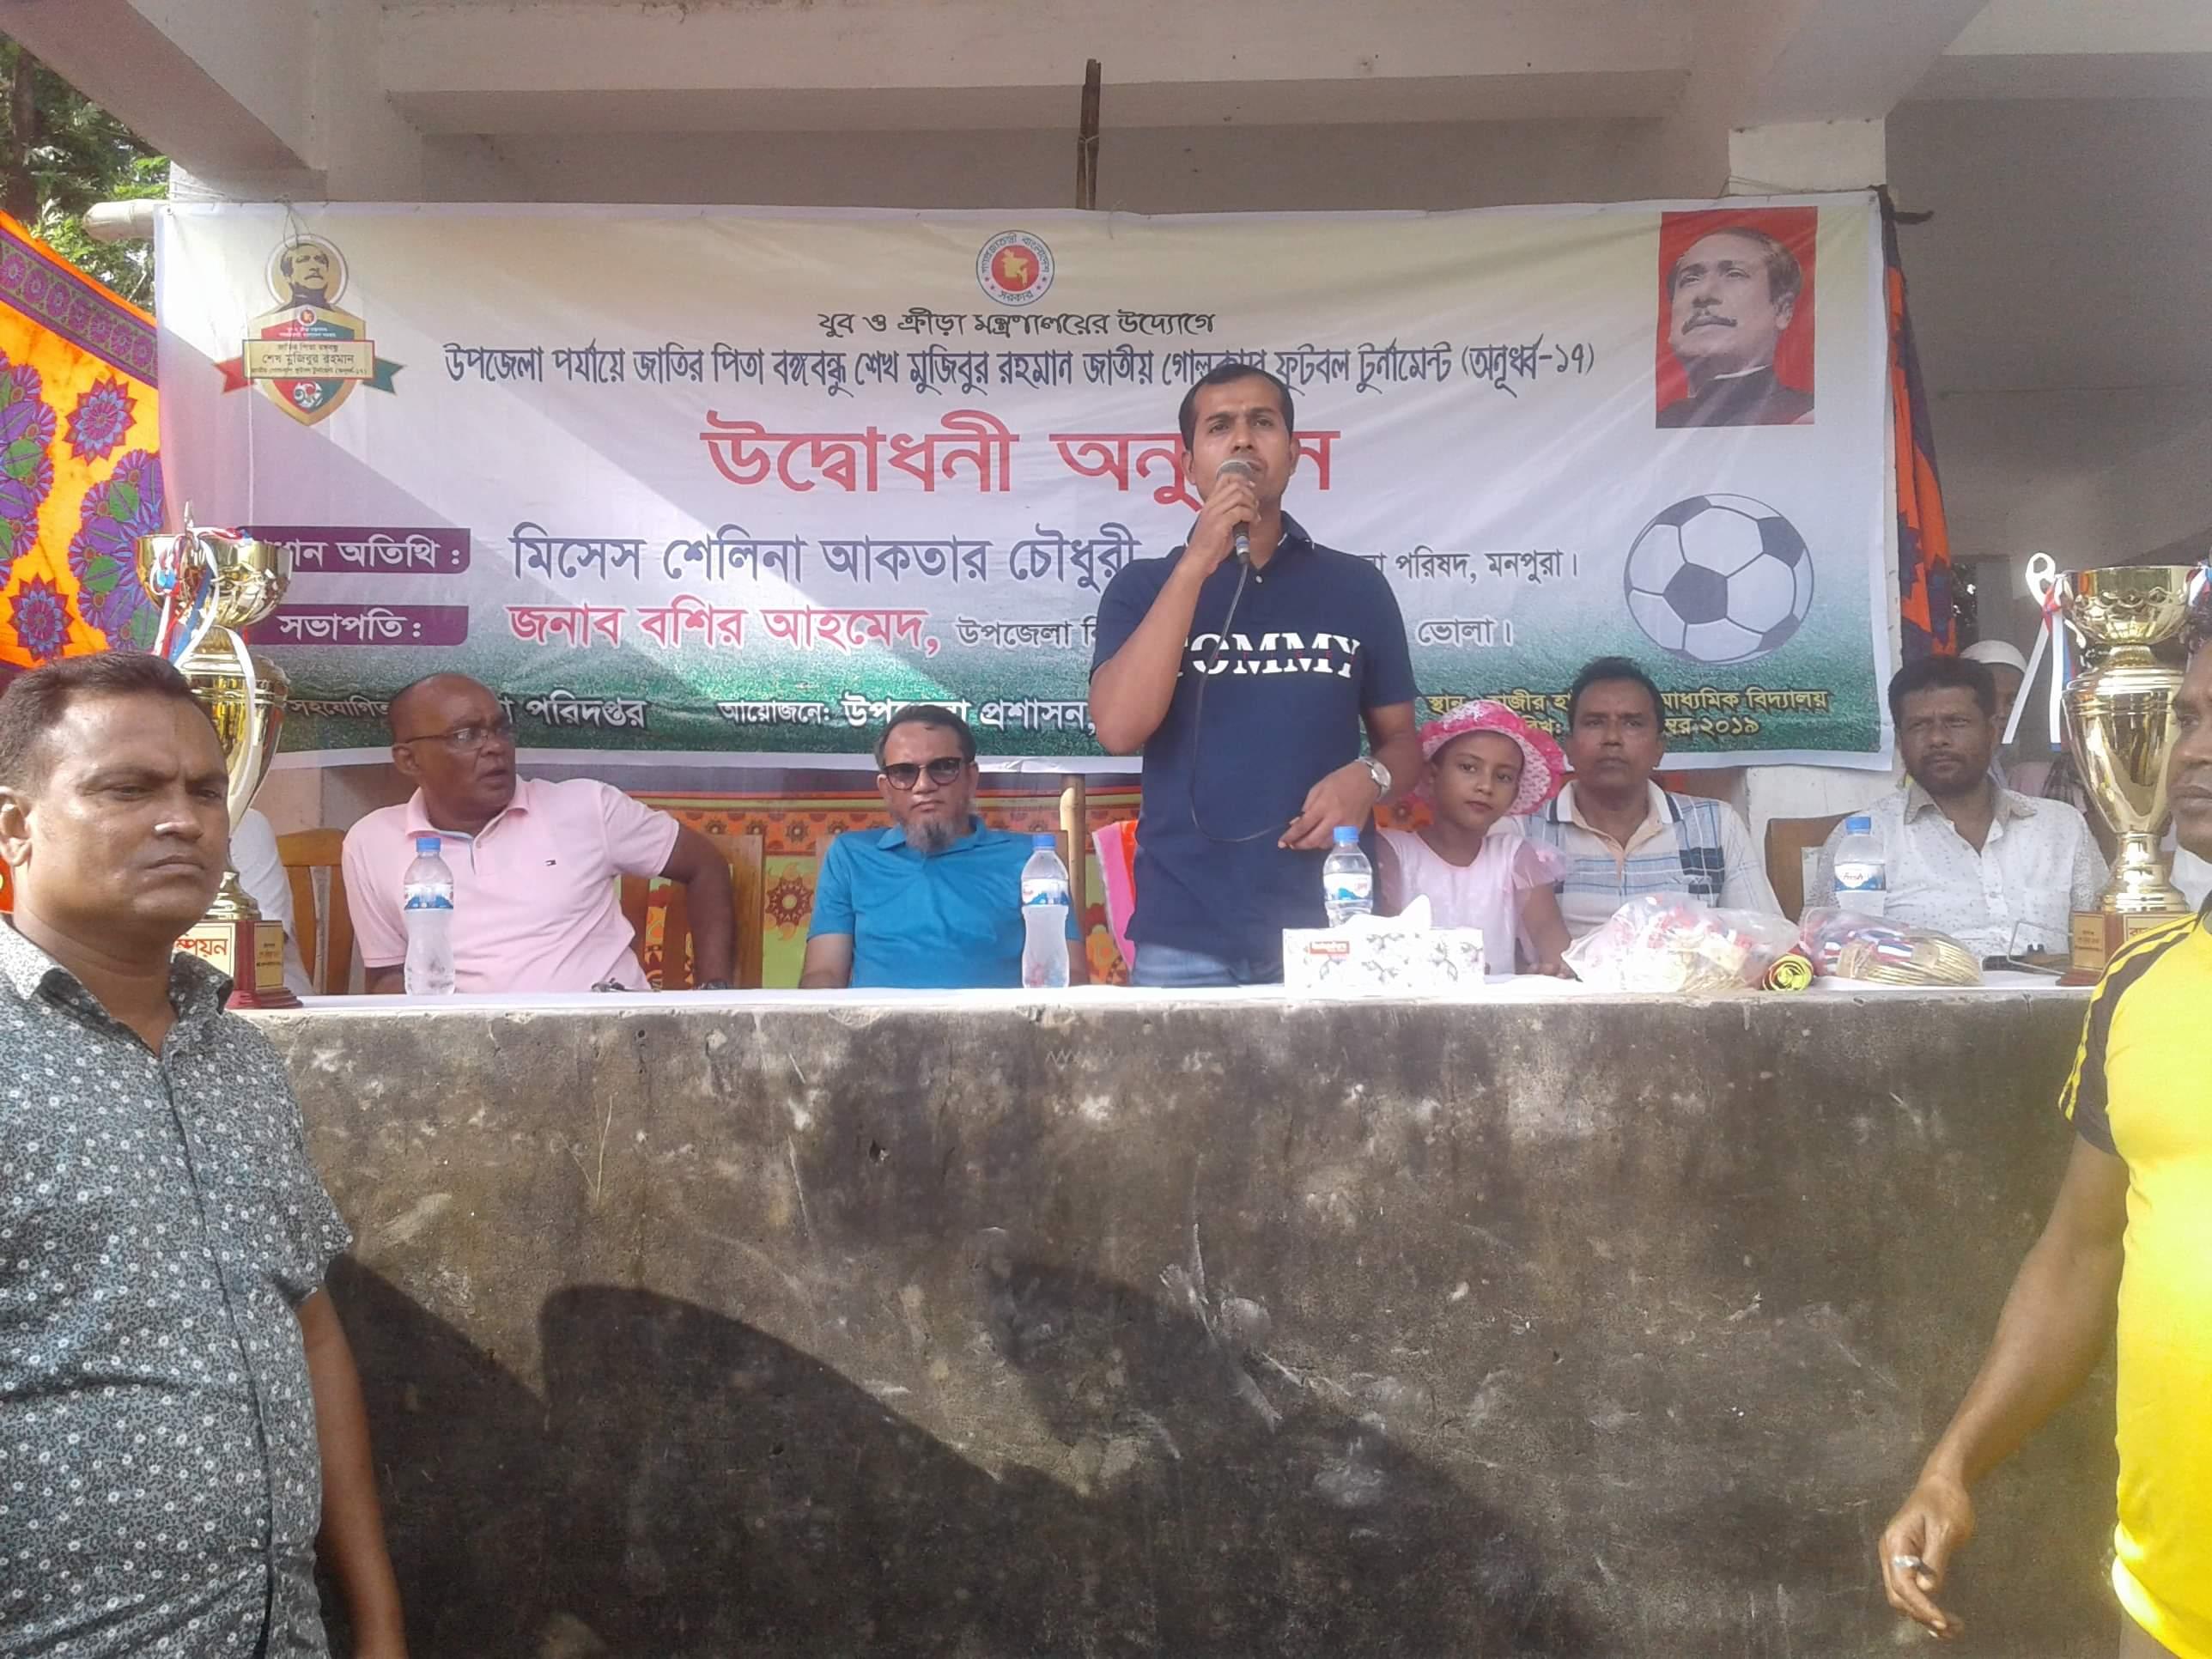 মনপুরায় বঙ্গবন্ধু গোল্ডকাপ ফুটবল টুর্নামেন্টের উদ্বোধন